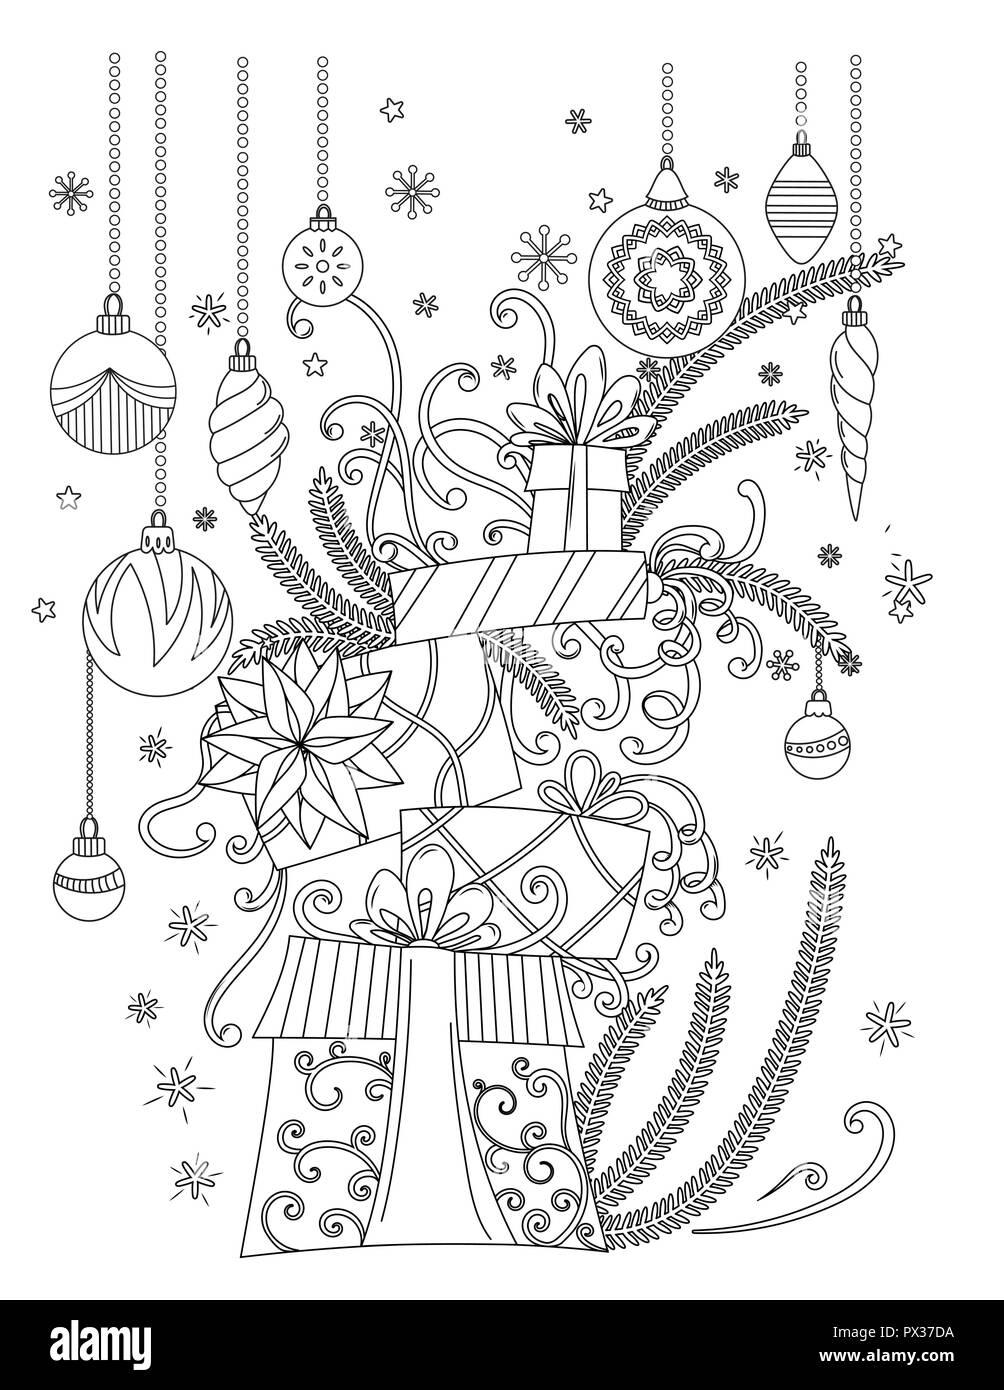 weihnachten malvorlagen malbuch für erwachsene stapel